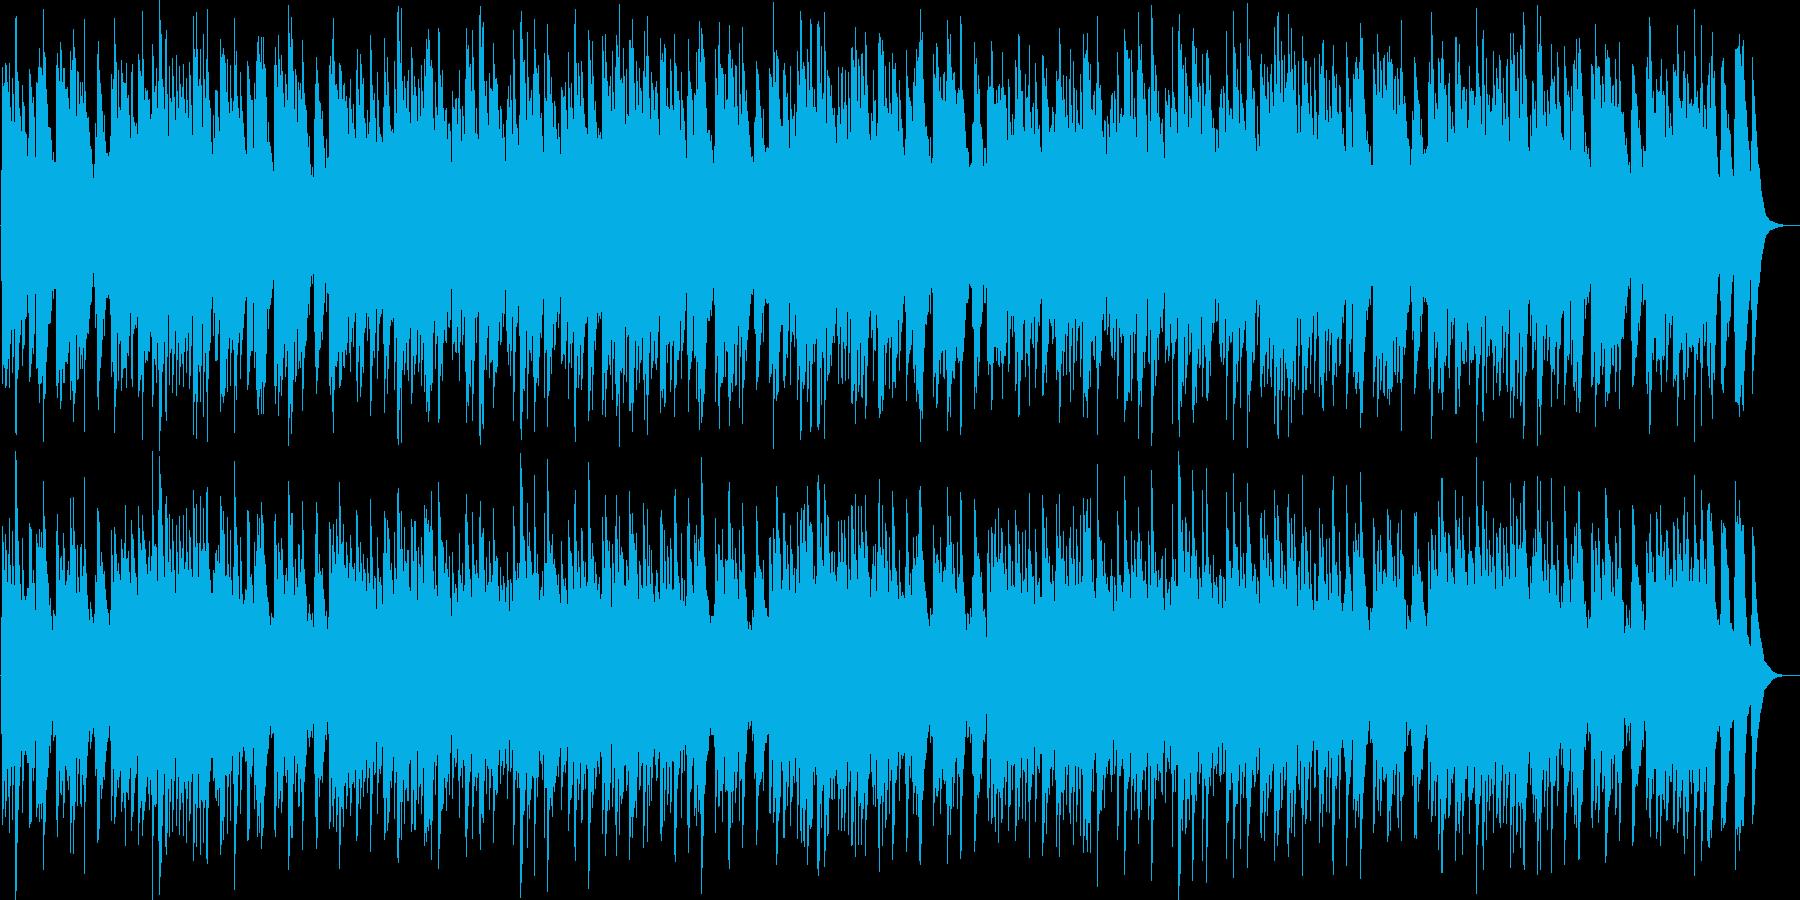 葦笛の踊り/チャイコフスキー(オルゴールの再生済みの波形